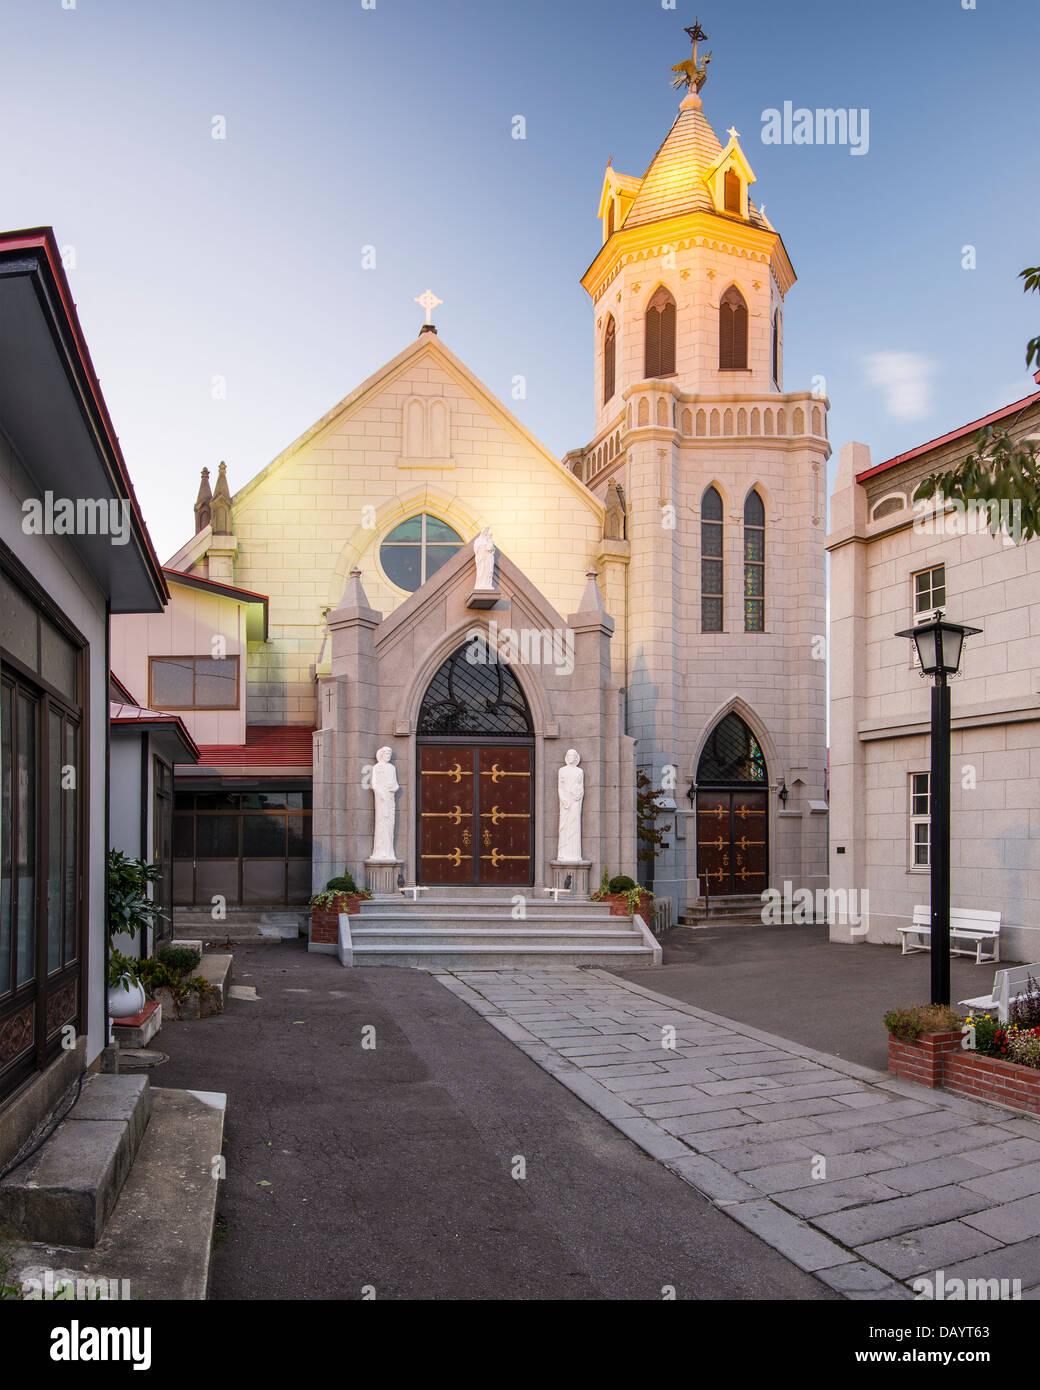 Motomachi katholische Kirche. Die Kirche stammt aus 1877. Stockbild